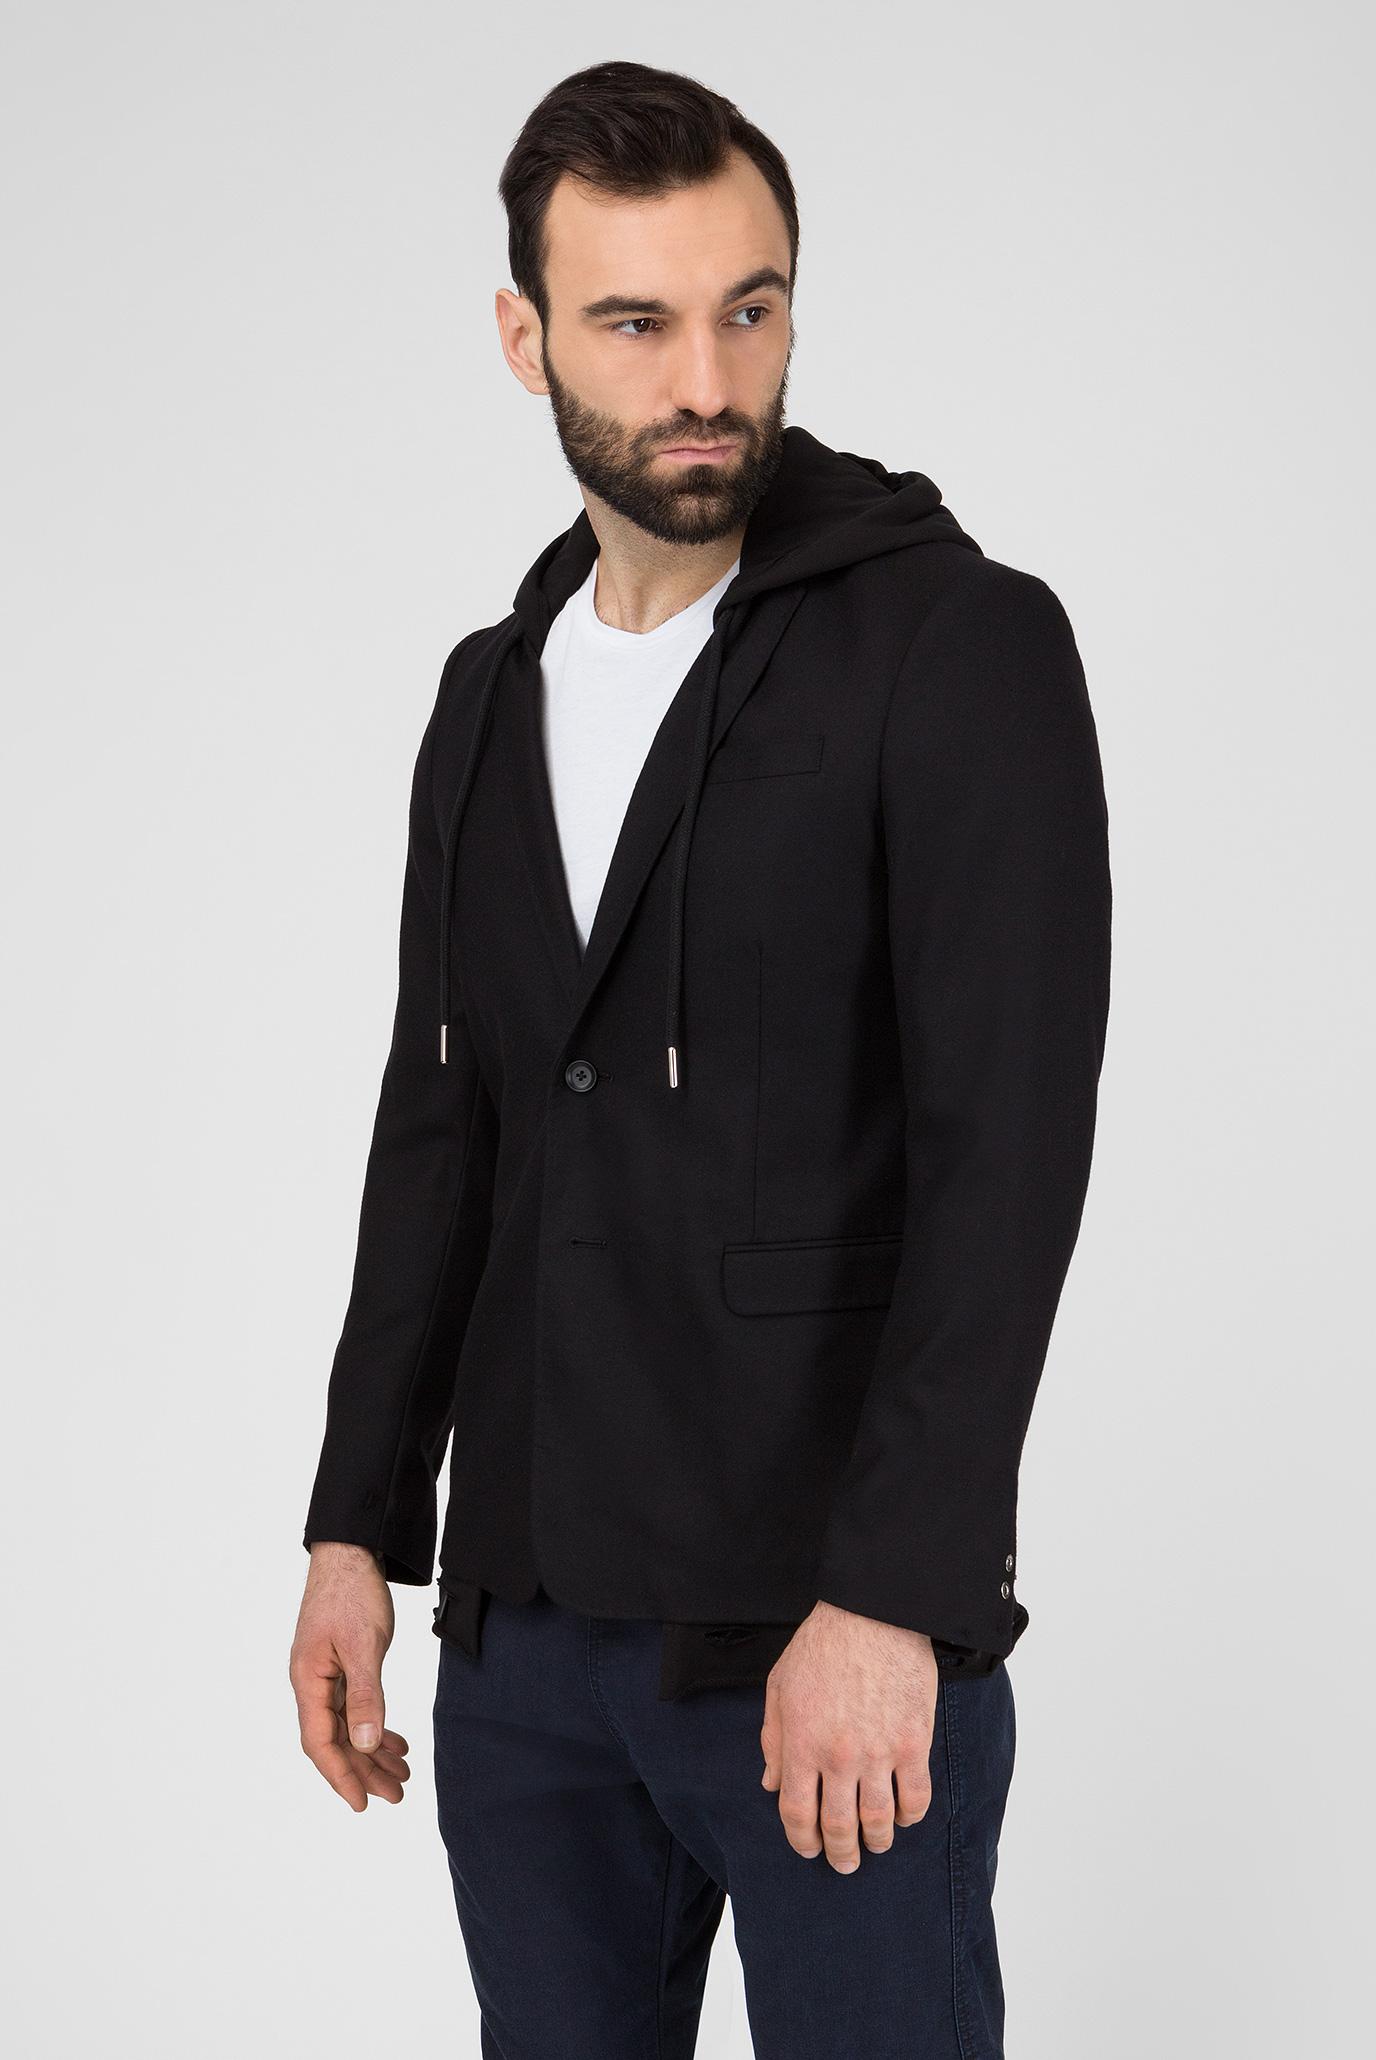 Купить Мужской черный шерстяной пиджак J-TROUBLE GIACCA Diesel Diesel 00SKCZ 0CAUA – Киев, Украина. Цены в интернет магазине MD Fashion